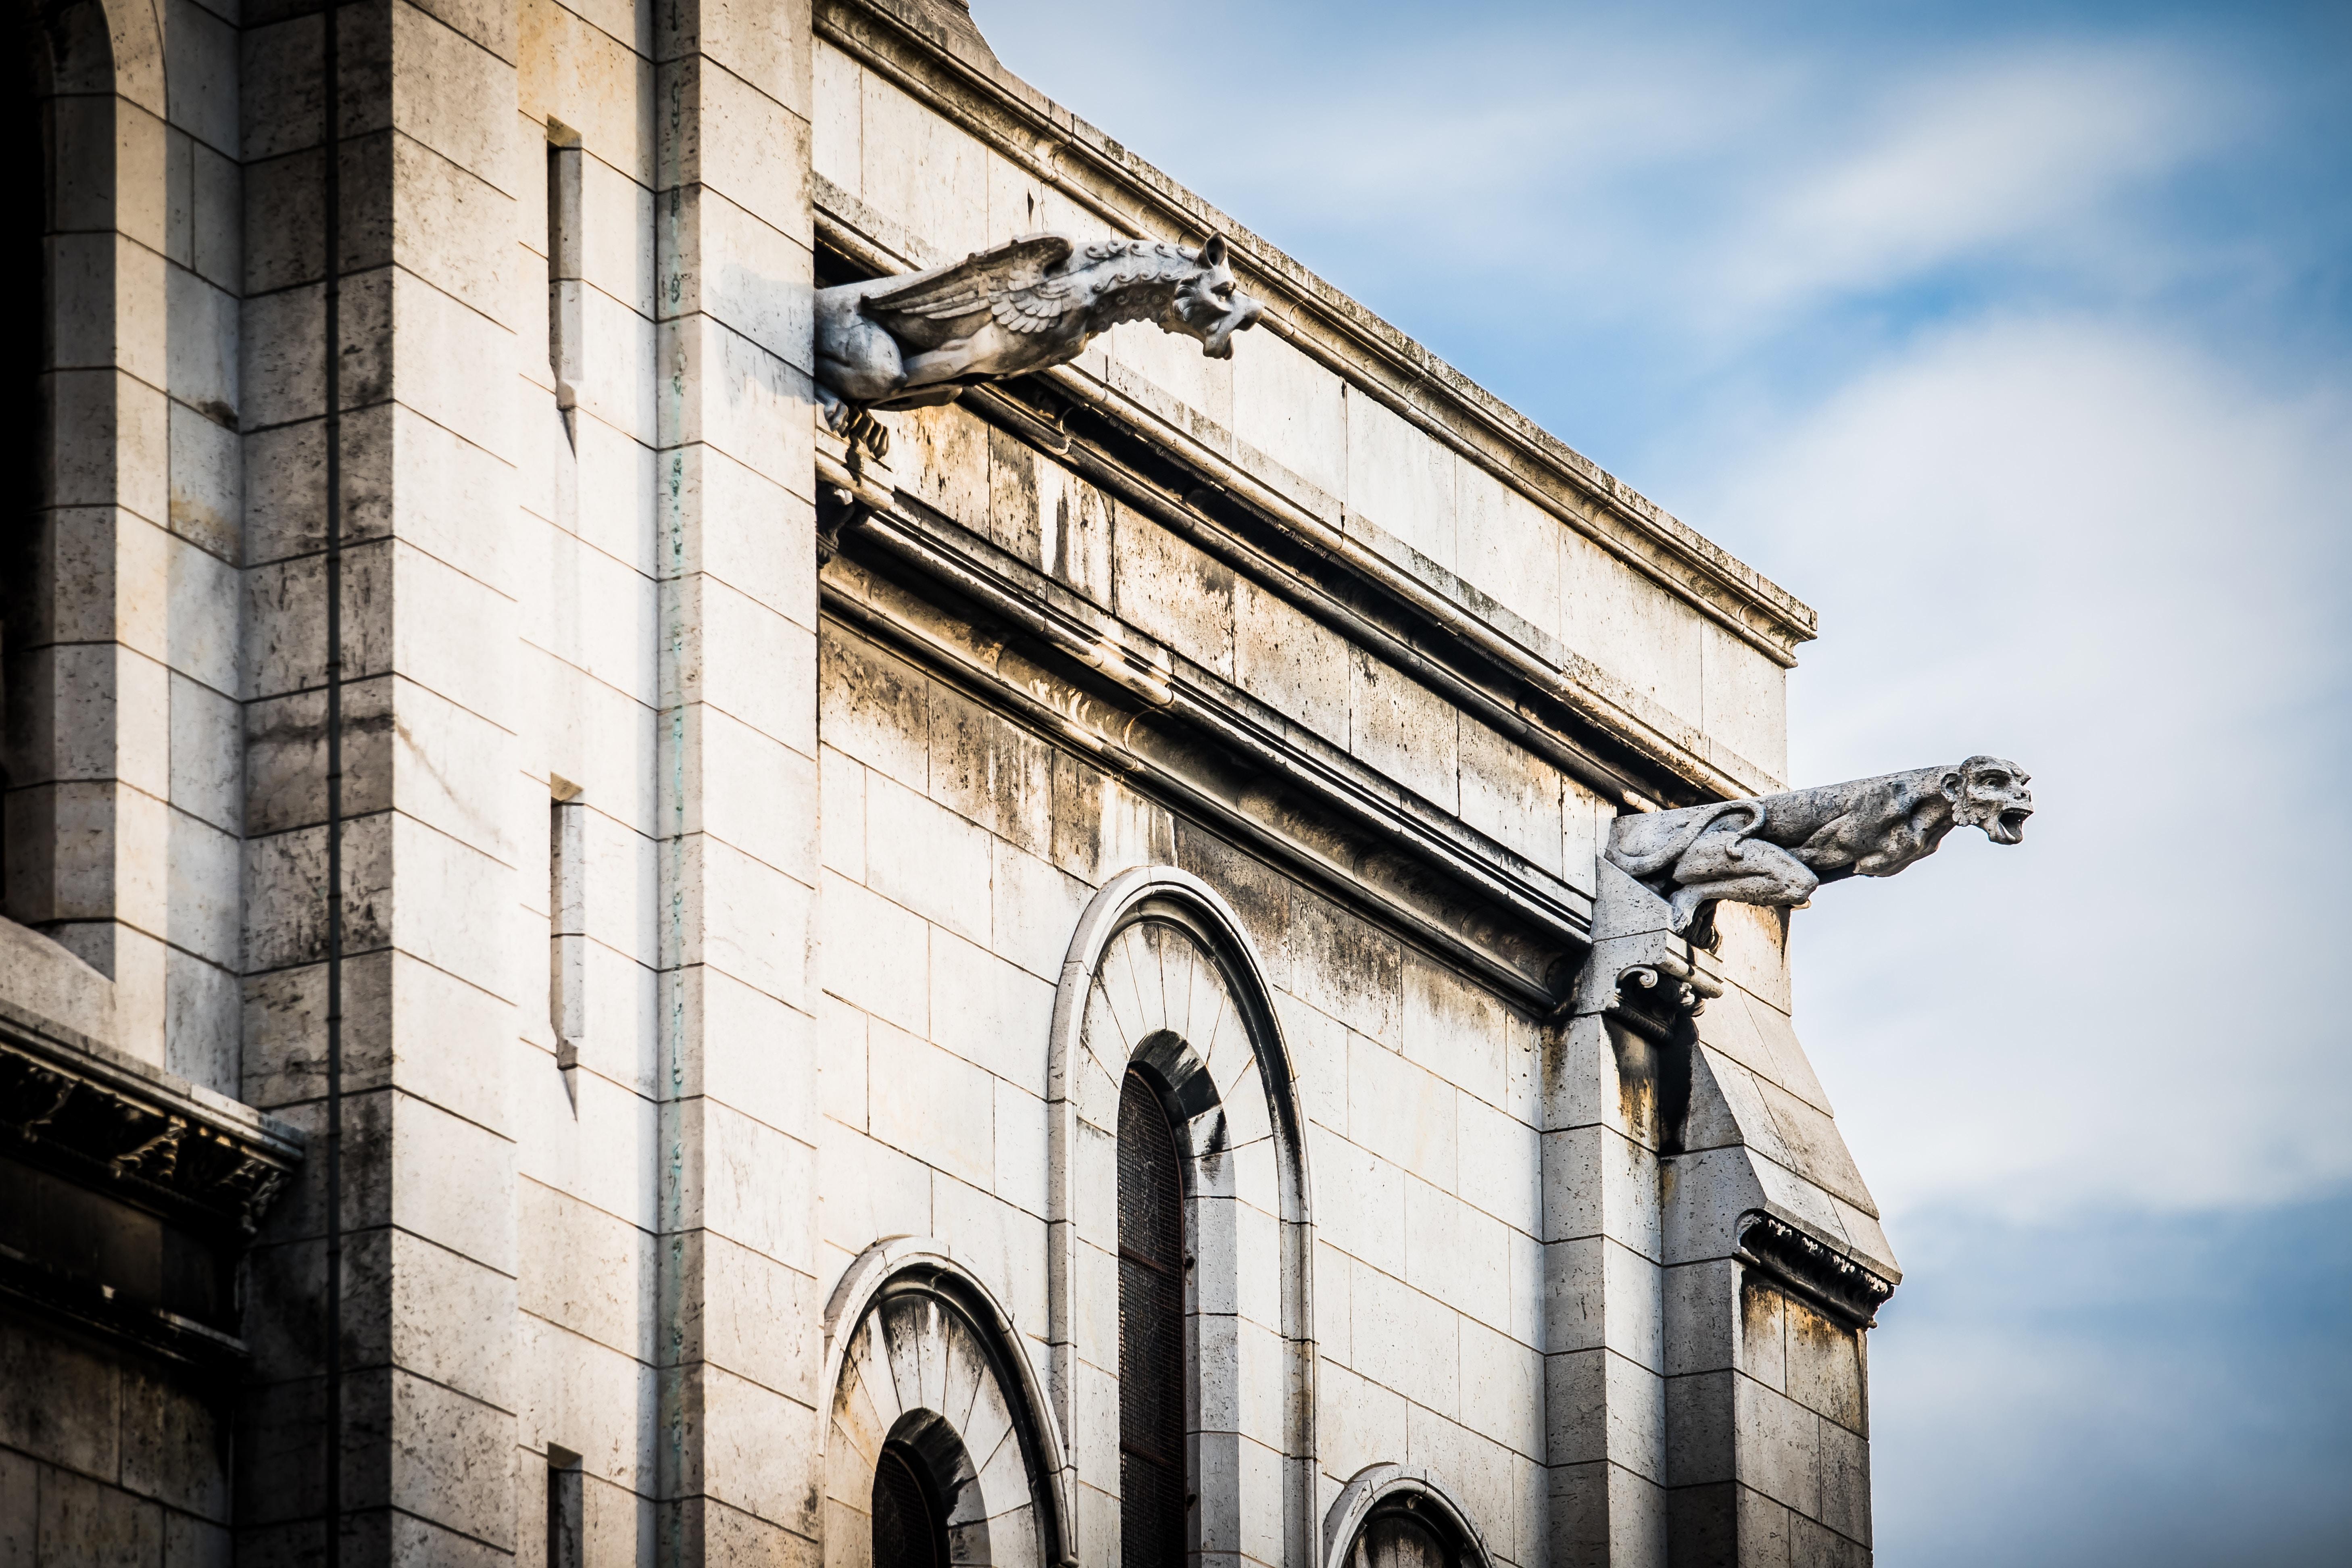 Gotiska gargoyler på Notre-Dames som leder bort vatten från fasaden vid regnfall. Foto: Stephanie LeBlanc via Unsplash